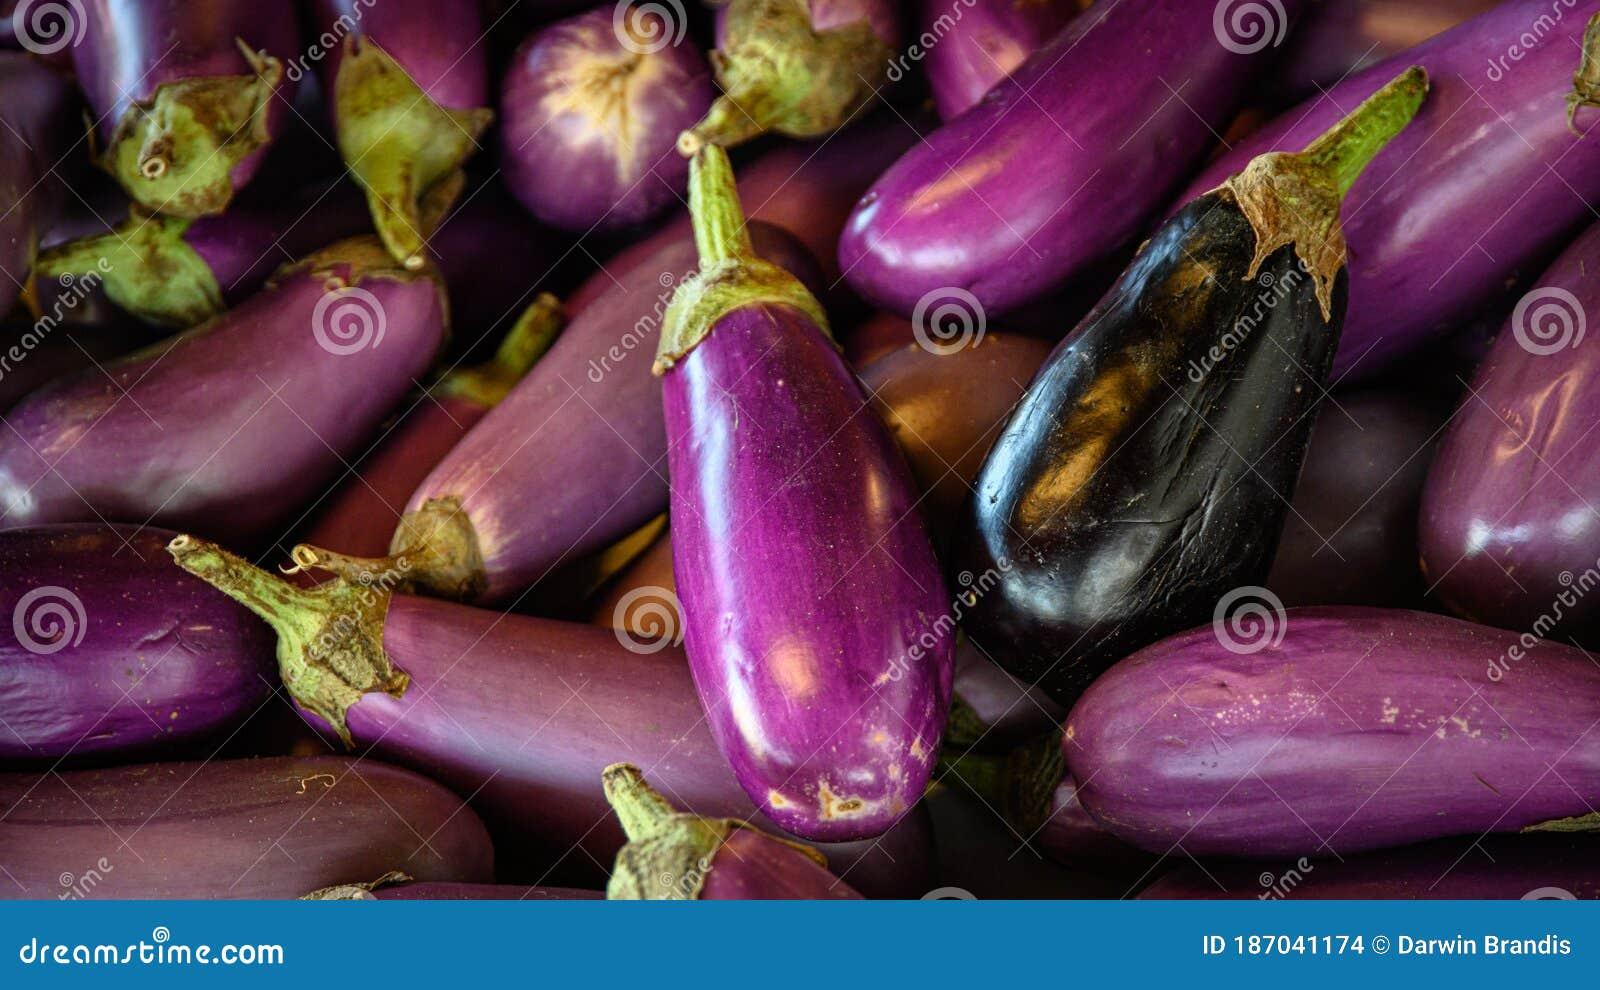 penis violet)